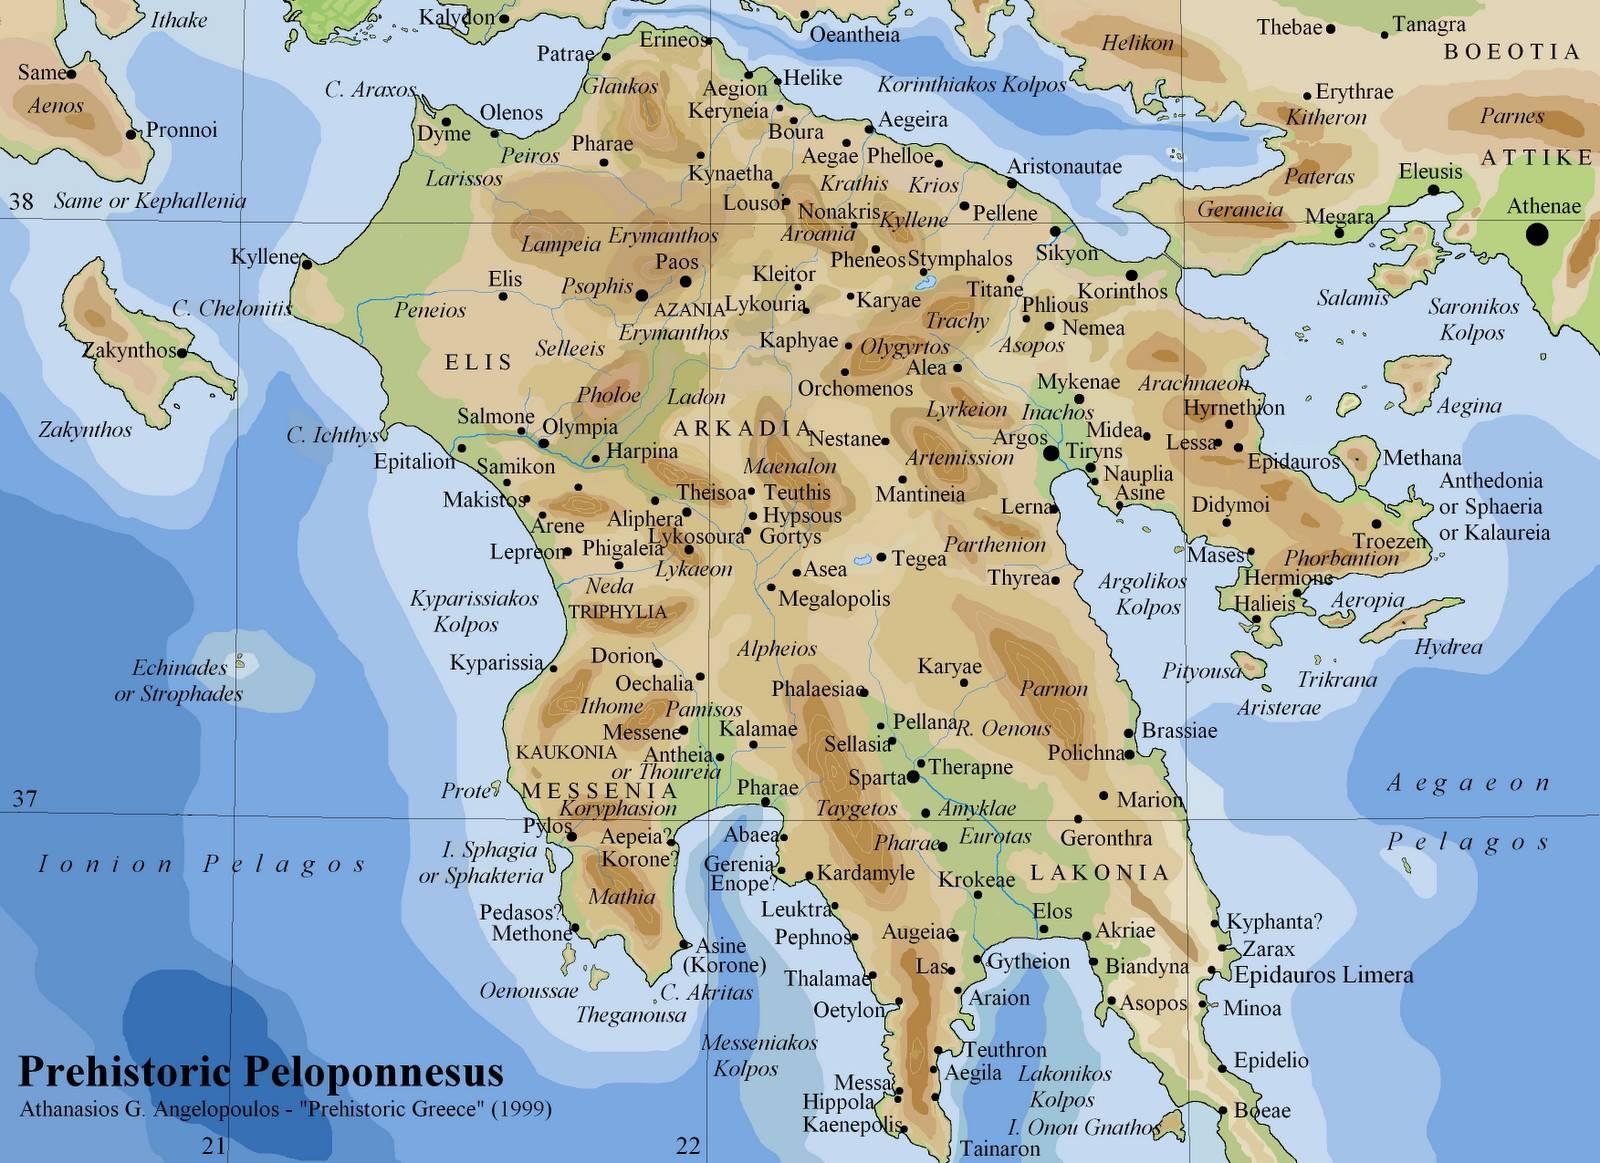 https://vignette.wikia.nocookie.net/science/images/3/3e/Maps-Peloponnesus-00-goog.jpg/revision/latest?cb=20150911143812&path-prefix=el